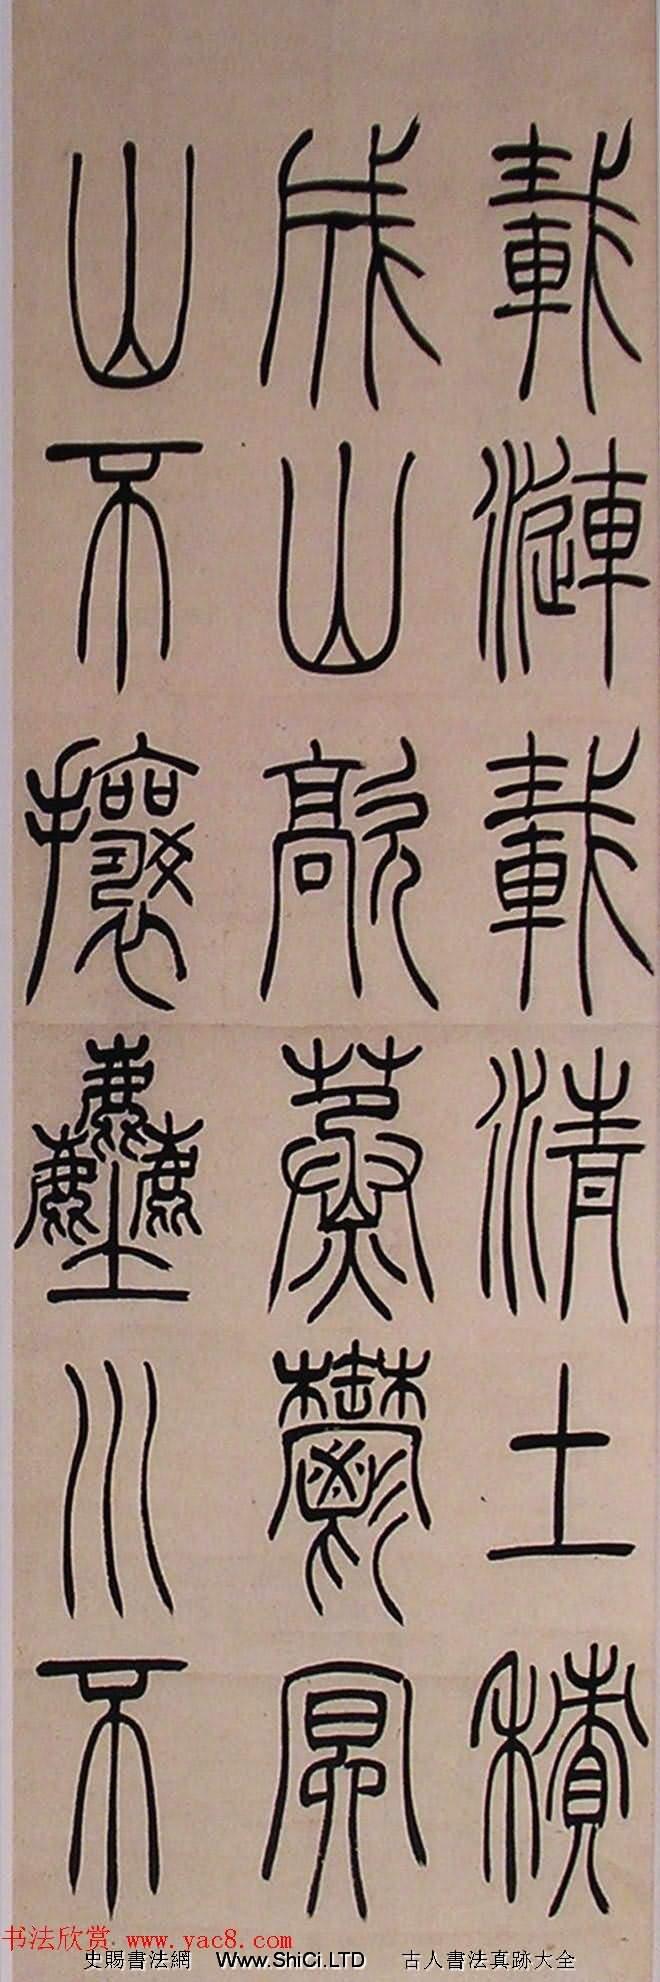 清代吳讓之篆書欣賞四屏條3帖